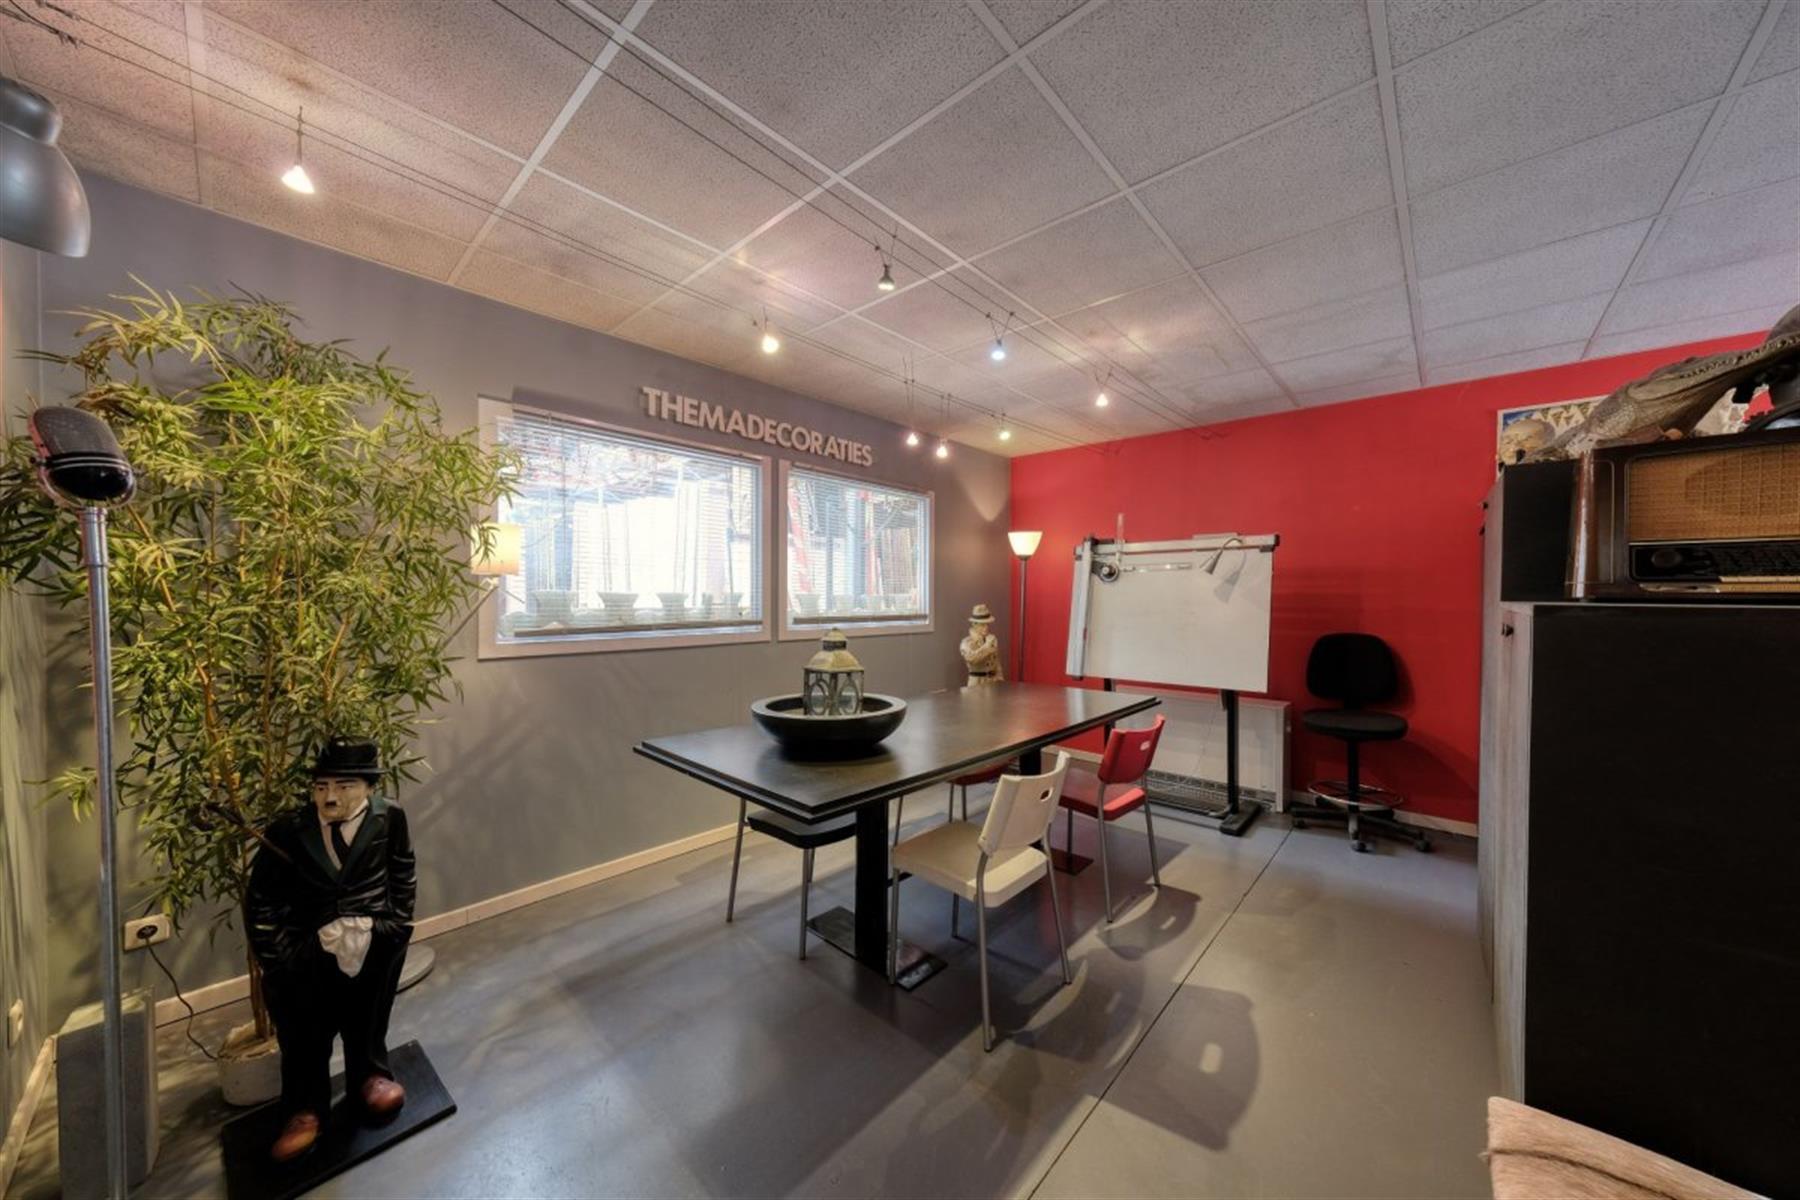 kantoren & magazijn te koop I123 - Magazijn met kantoorruimte - Centrum-Zuid 3203, 3530 Houthalen-Helchteren, België 3